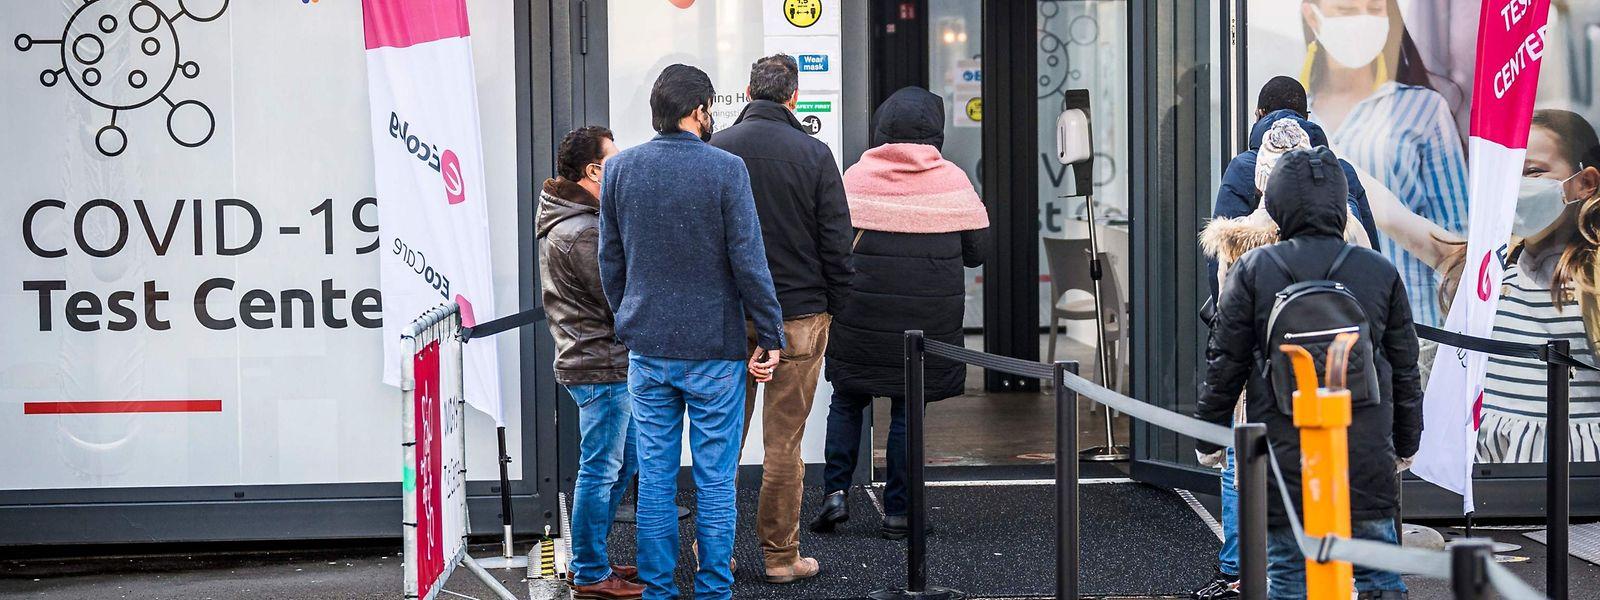 Samedi, la Belgique devrait dépasser le cap des 20.000 victimes du covid.